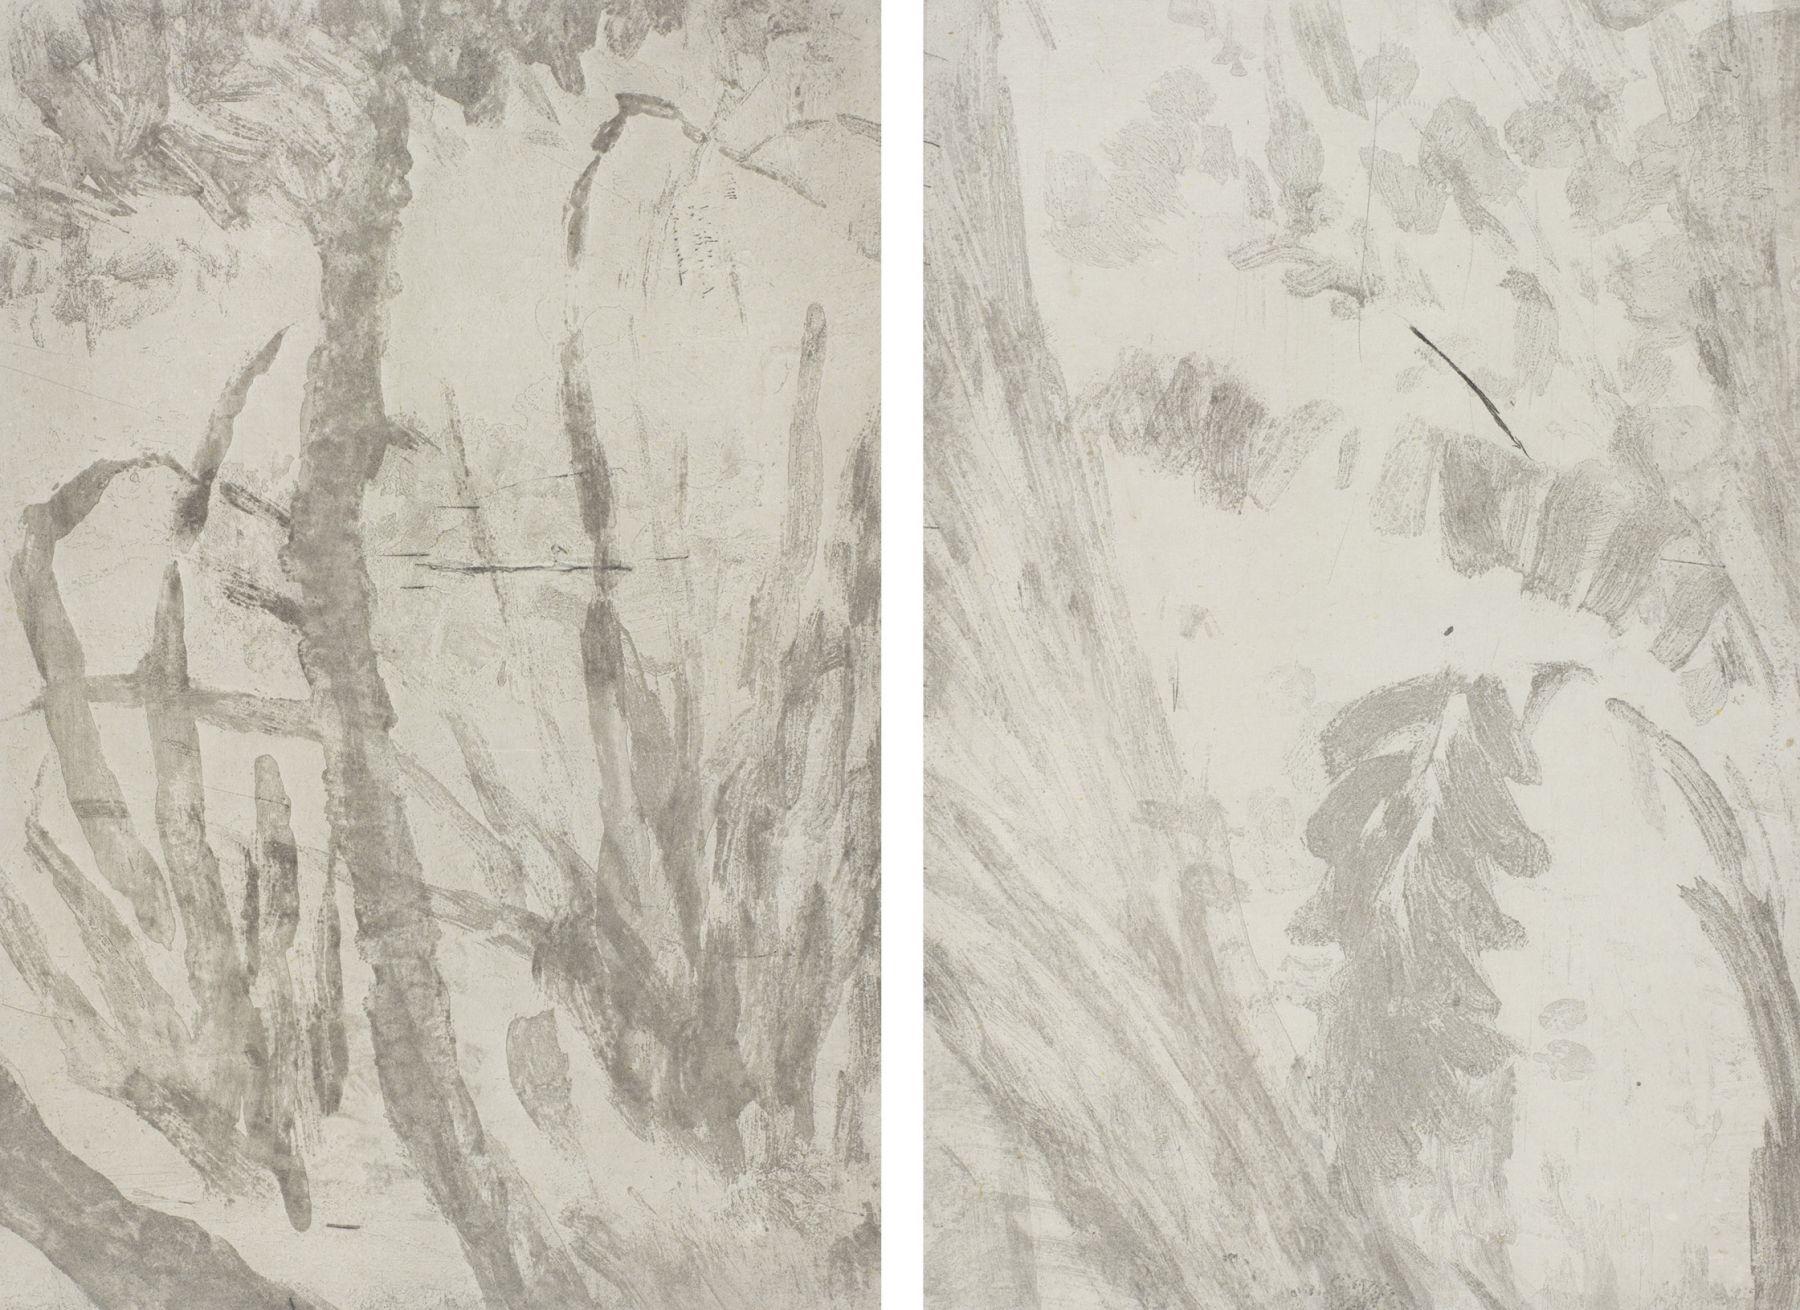 Yan Shanchun 严善錞 (b. 1957), West Lake-Ling Shi Wu 西湖•çµçŸ³åž